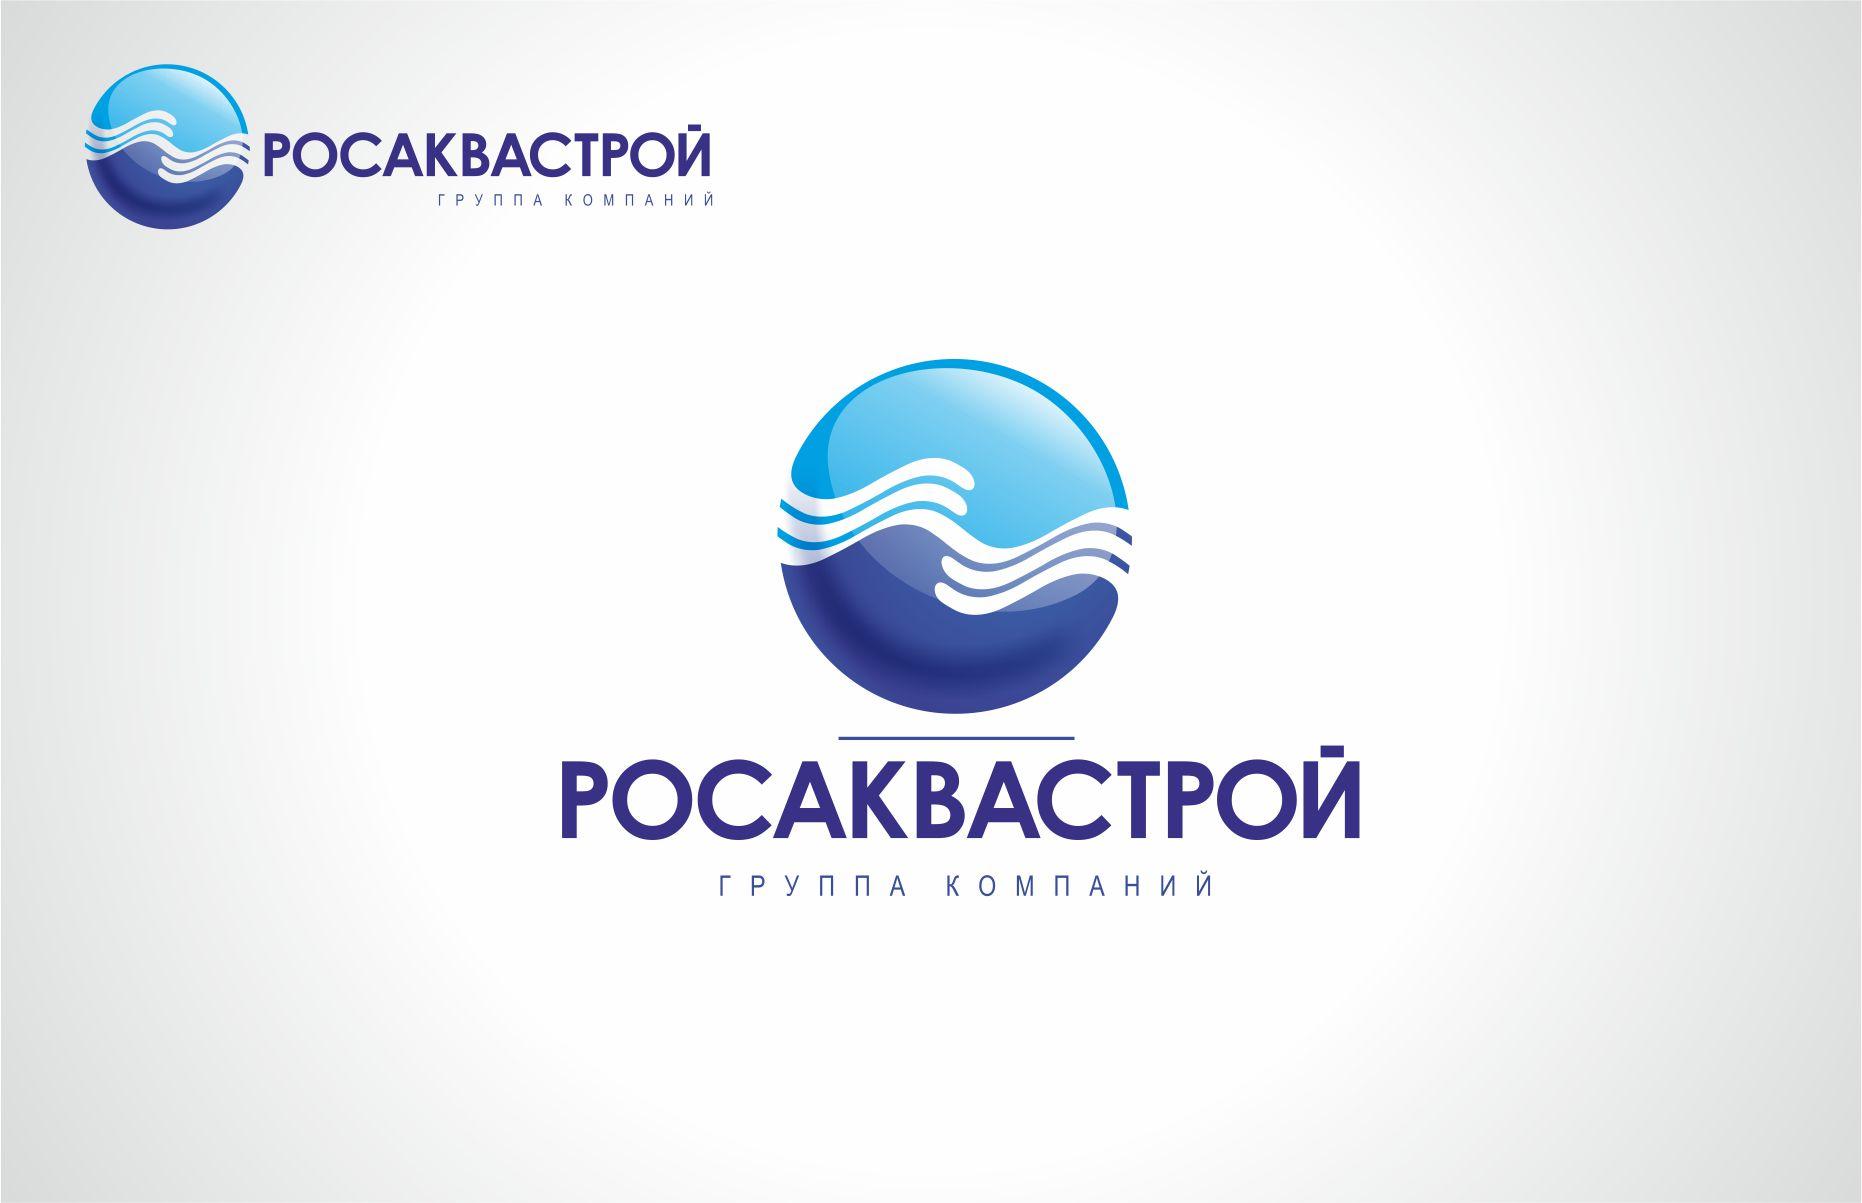 Создание логотипа фото f_4ebbf6a0f41b9.jpg